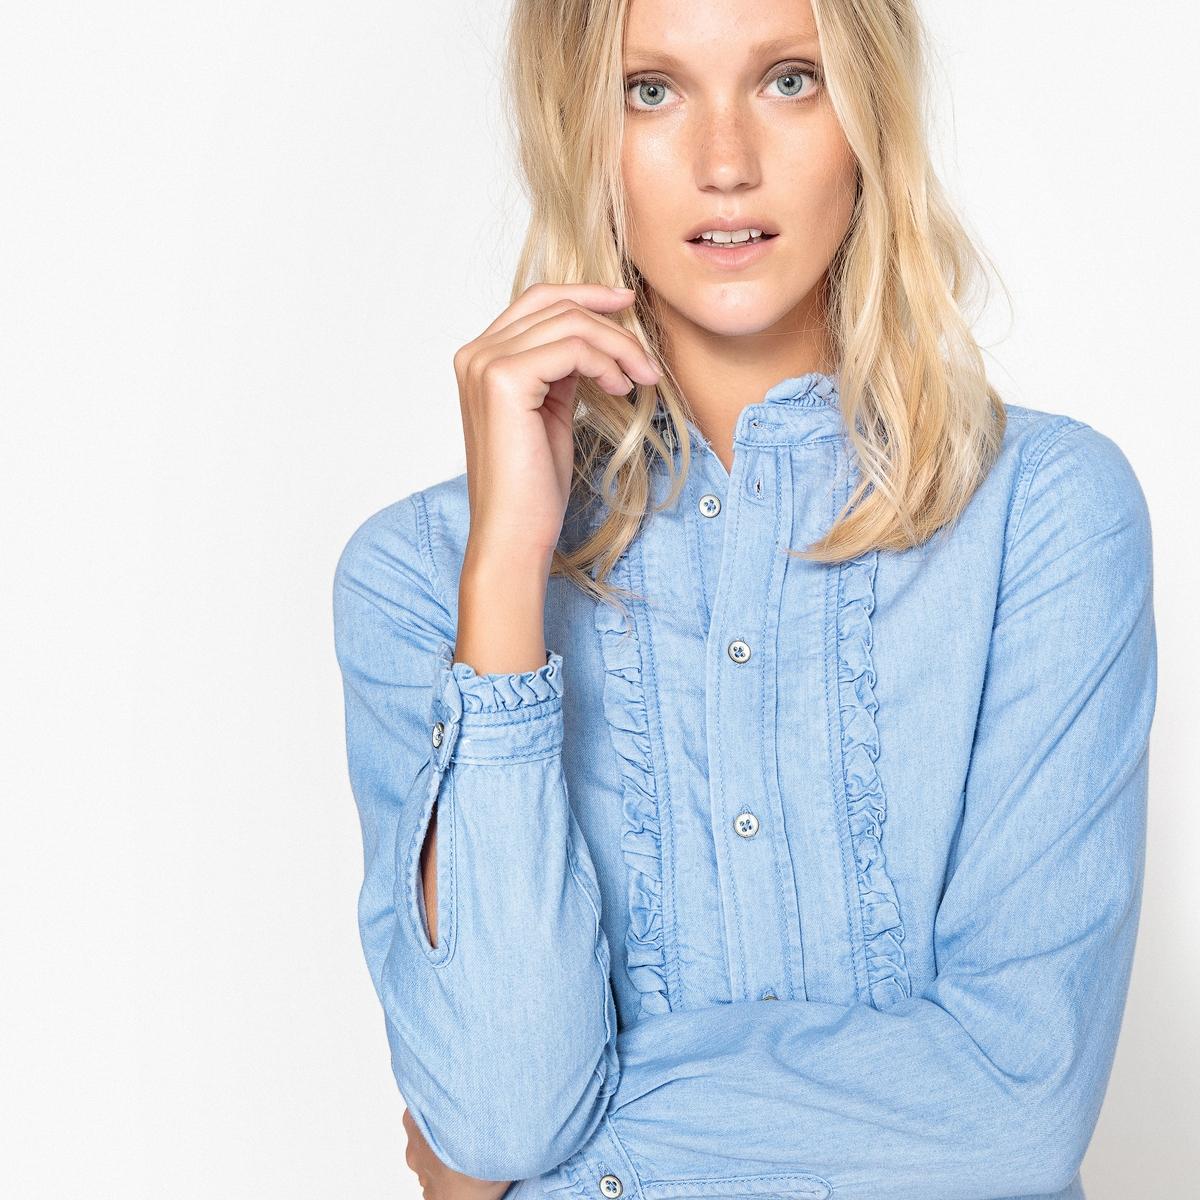 Рубашка однотонная с воротником-стойкой и длинными рукавамиДетали •  Длинные рукава •  Прямой покрой  •  Воротник-стойкаСостав и уход •  69% хлопка, 31% лиоцелла •  Следуйте советам по уходу, указанным на этикетке<br><br>Цвет: синий<br>Размер: M.L